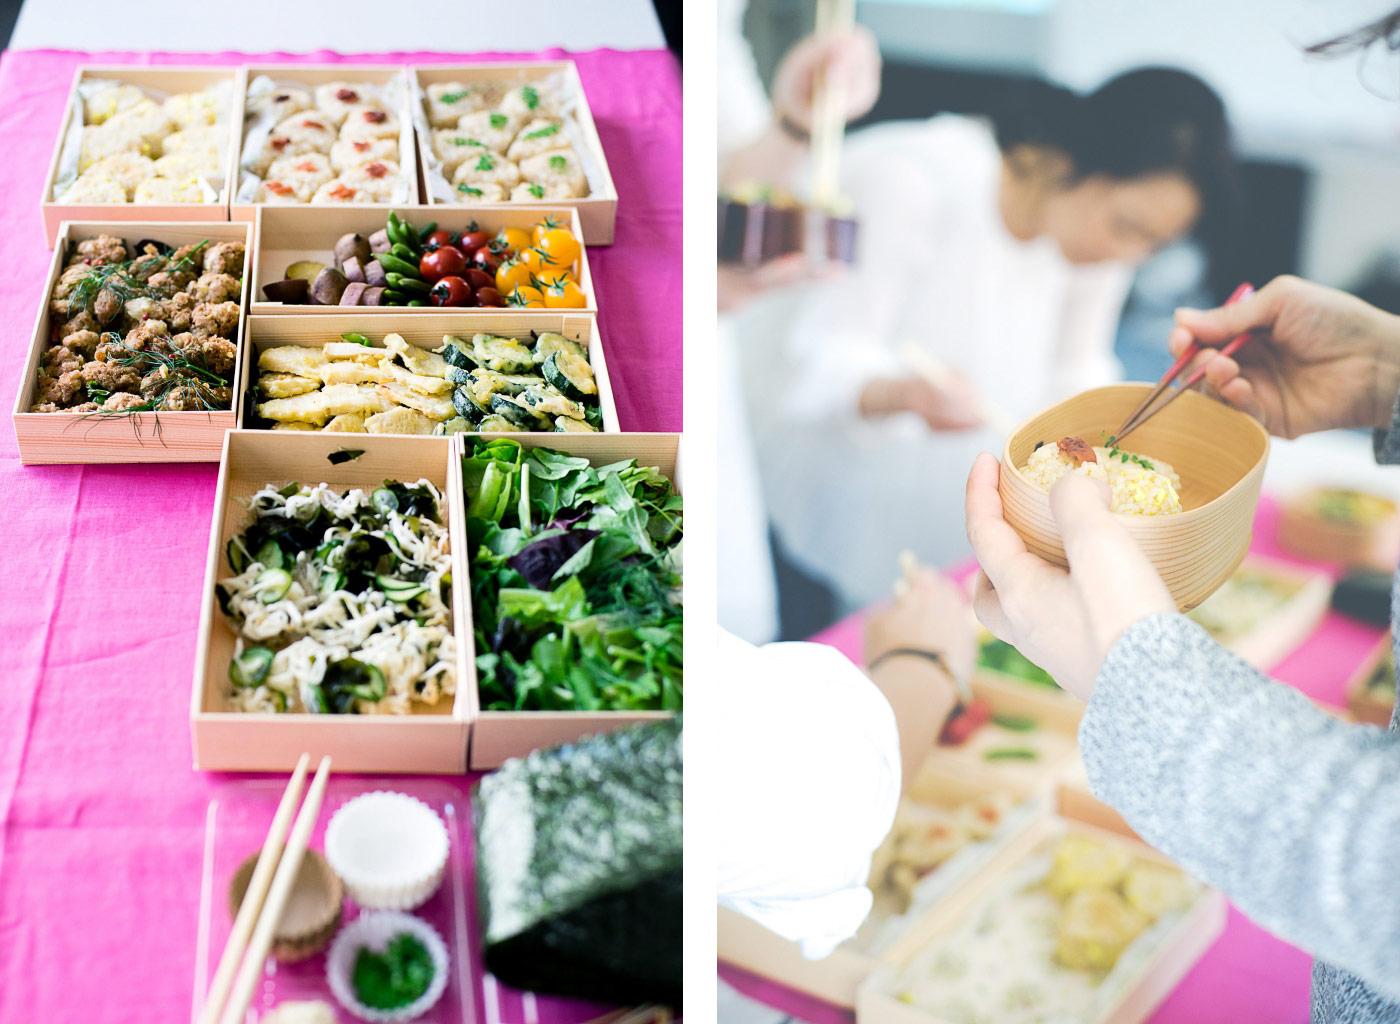 【受付しています】3/23に曲げわっぱ弁当ワークショップを徳島県鳴門市で開催します